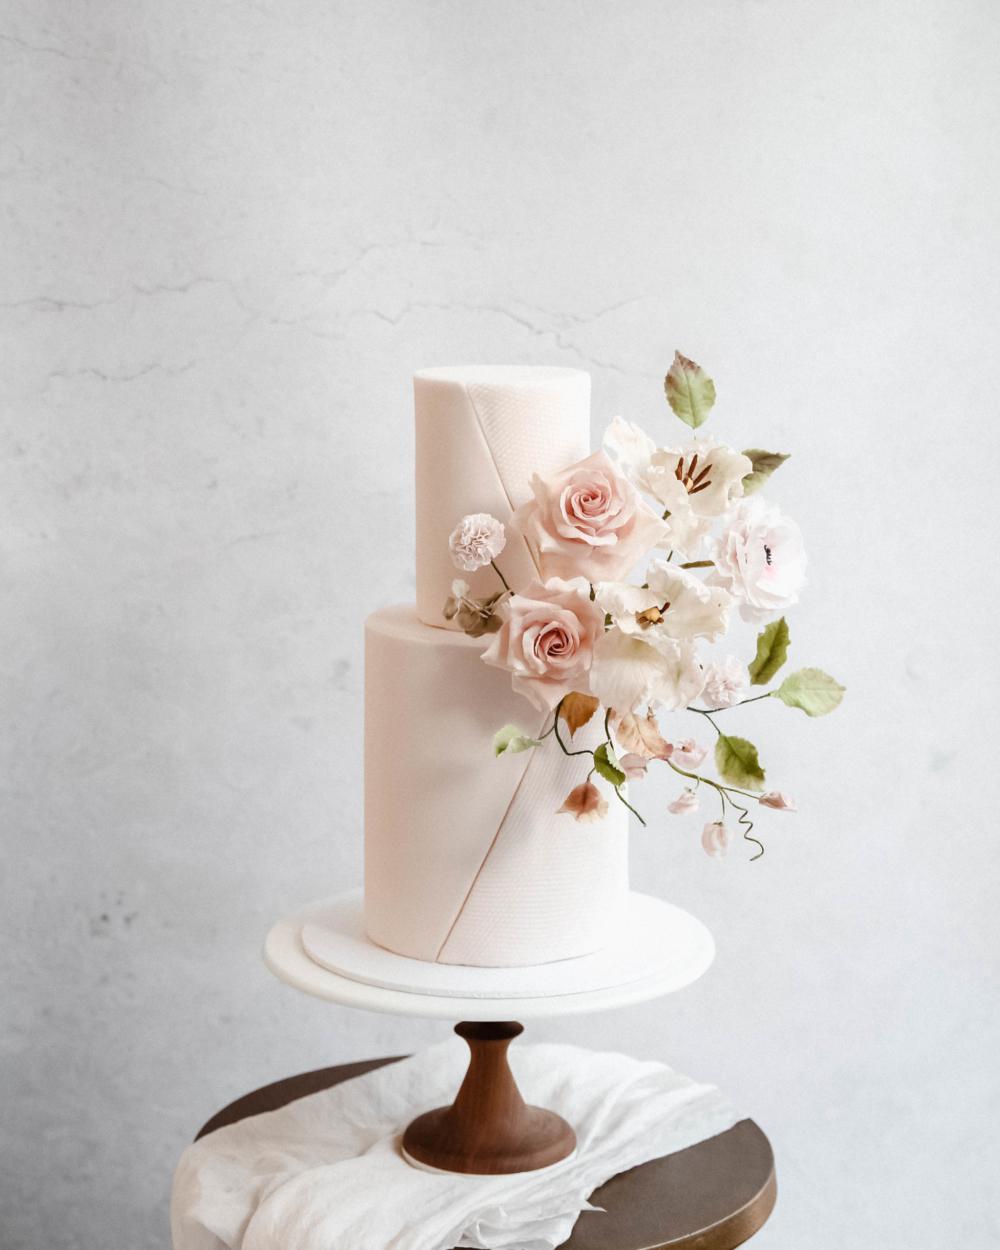 Spring Sugar Flowers Cove Cake Design